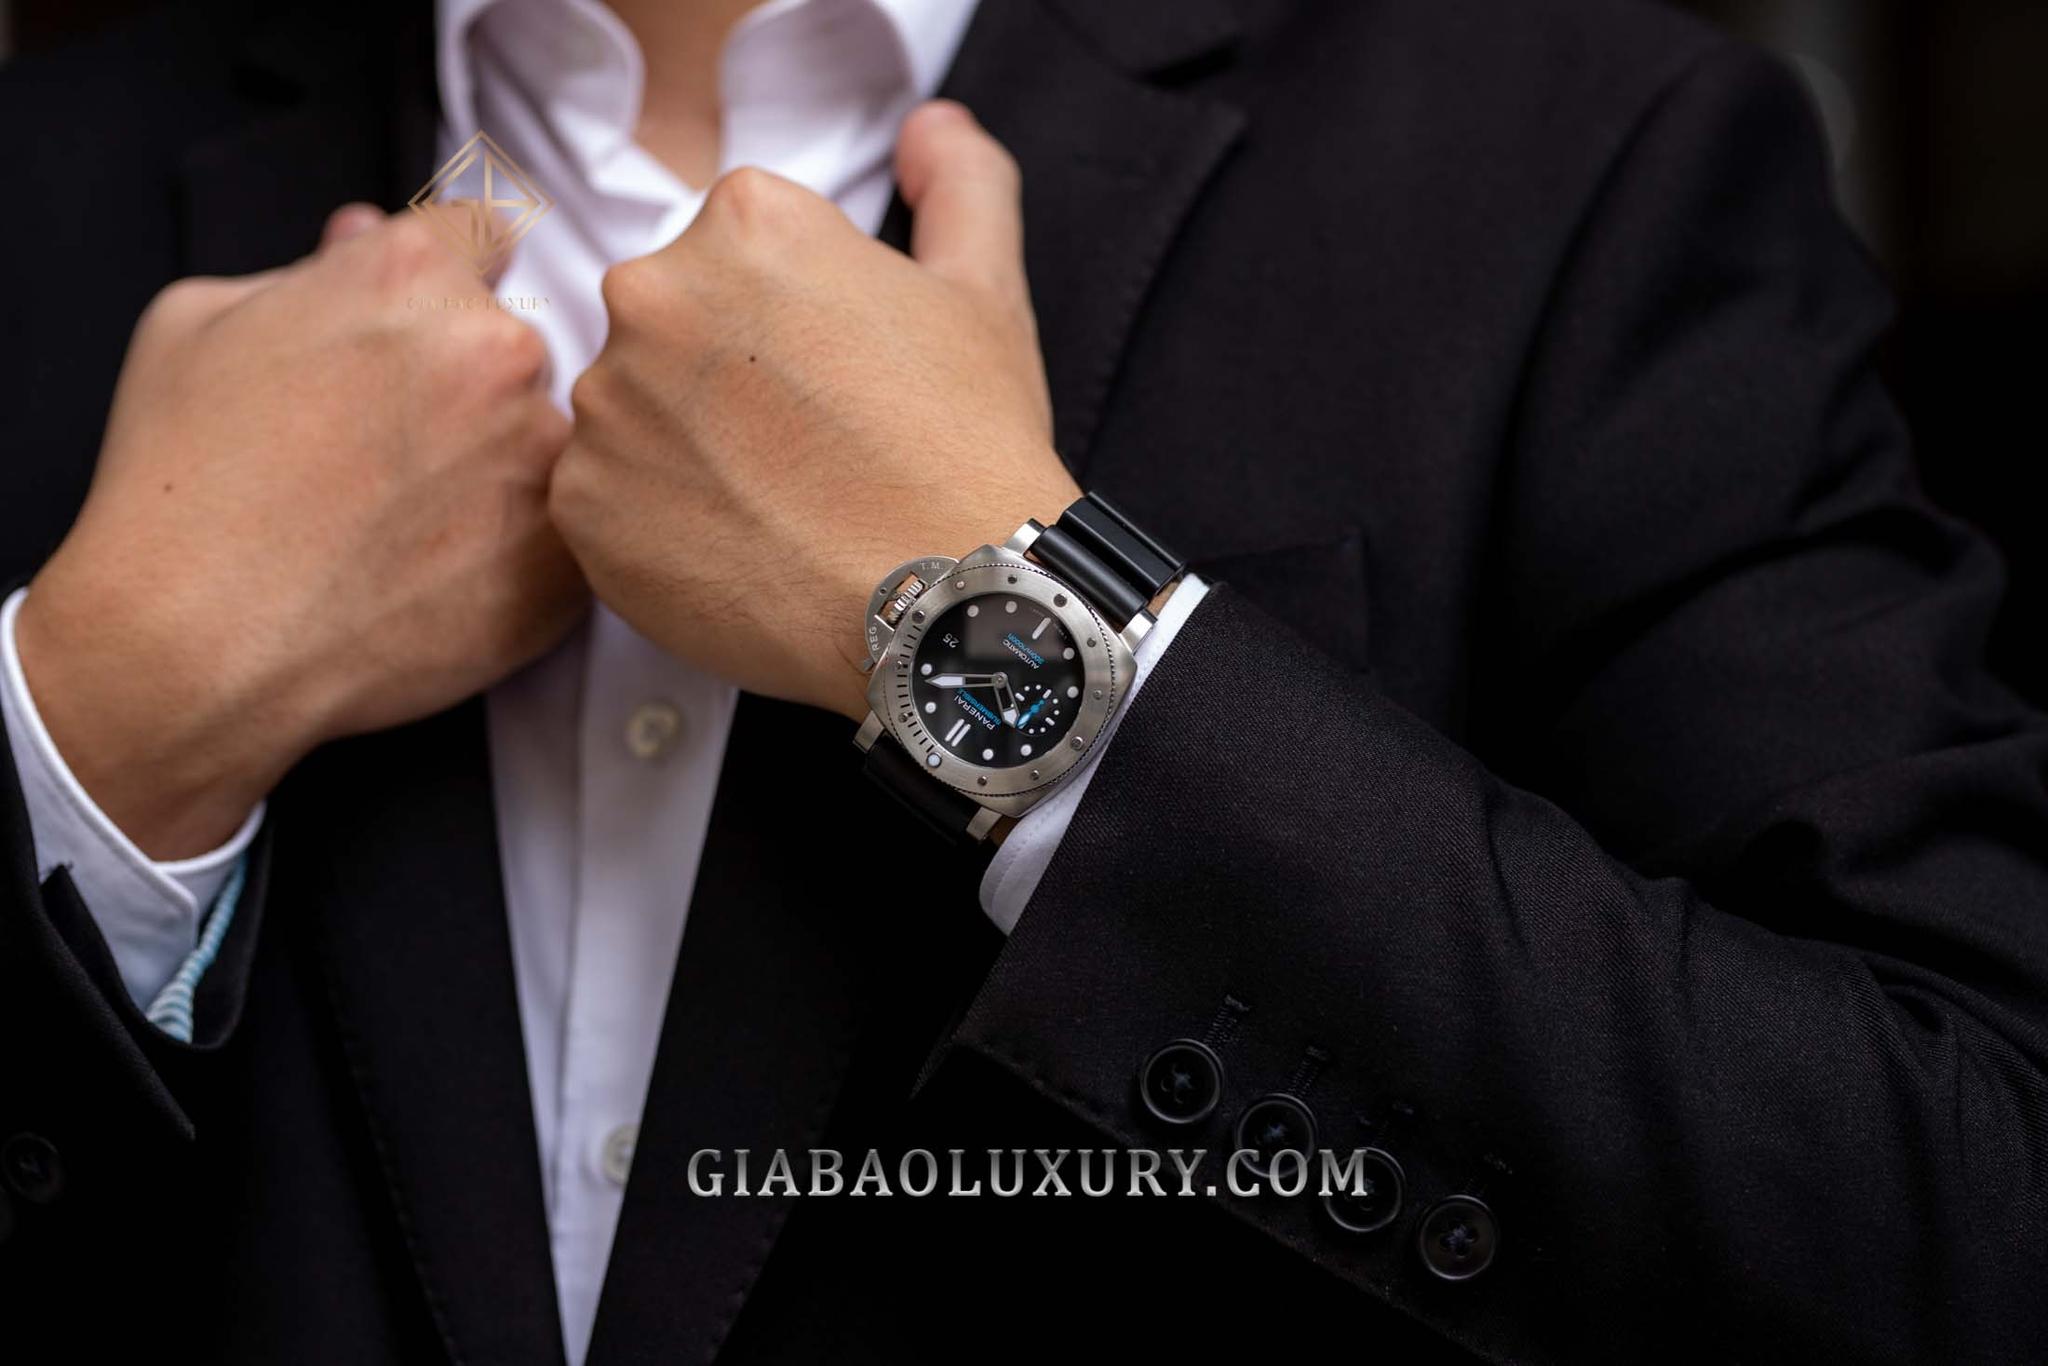 Cách lựa chọn mua đồng hồ Panerai phù hợp nhất